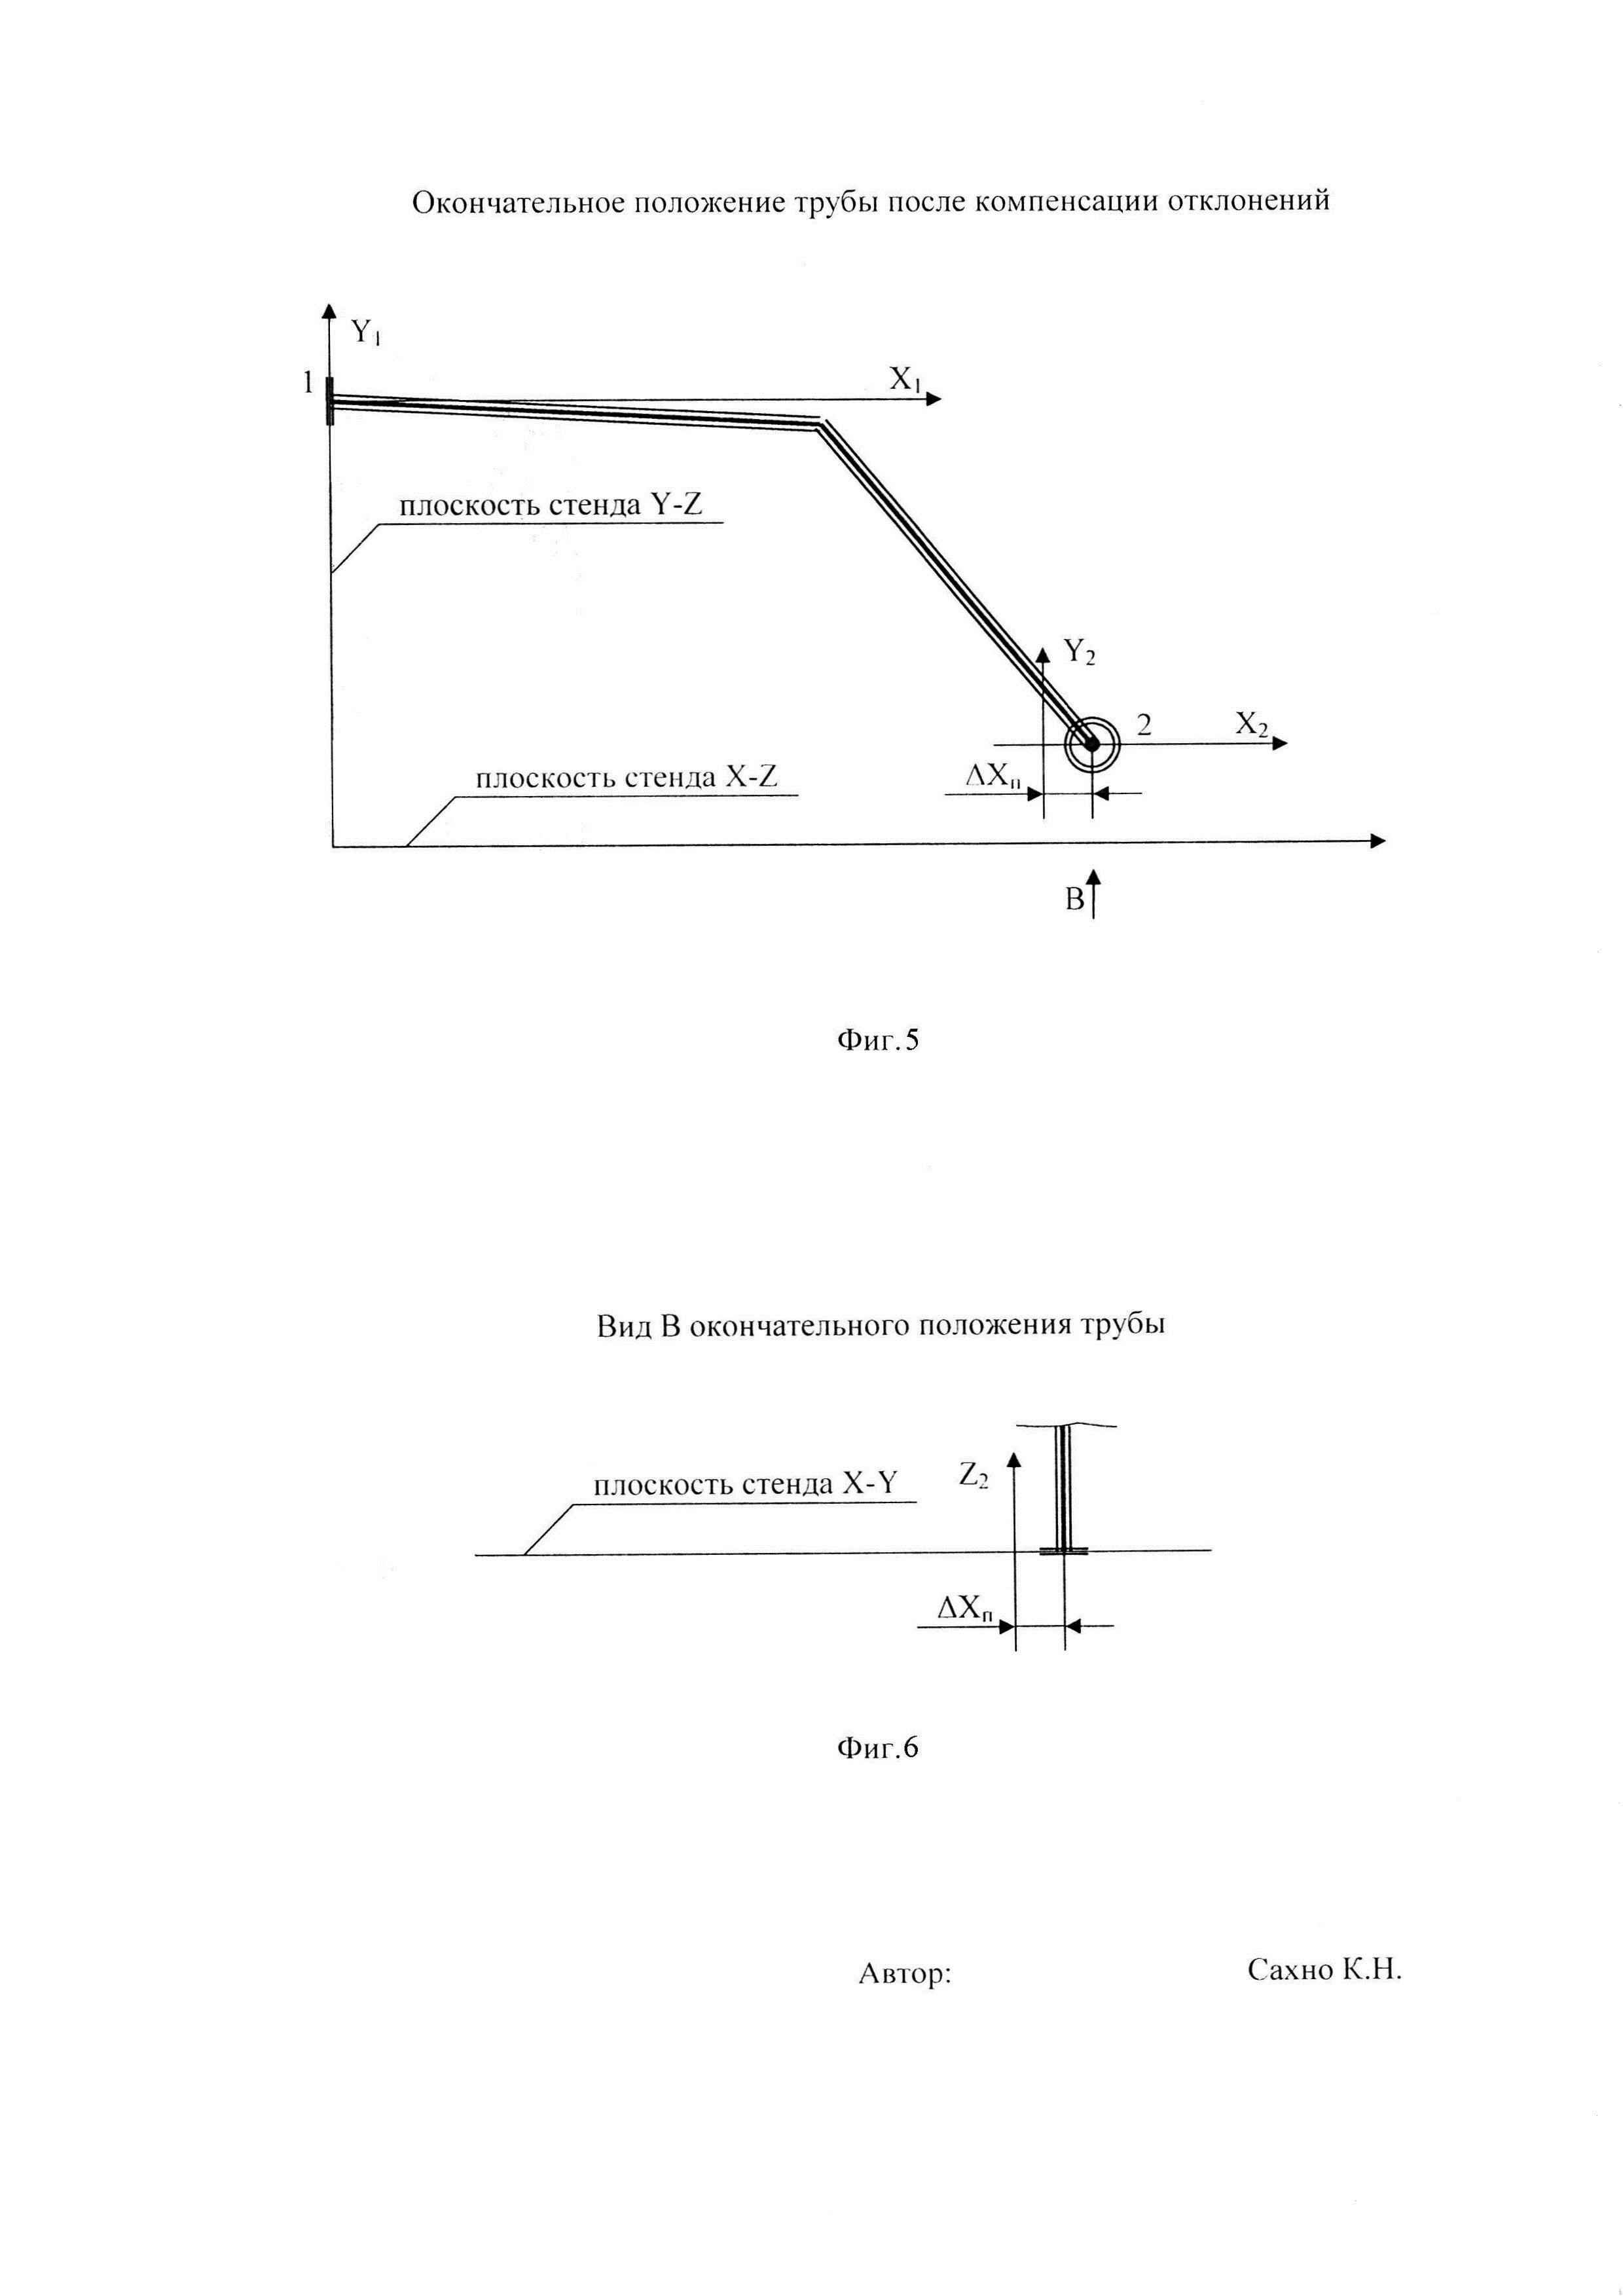 Способ компенсации отклонений при изготовлении труб с соединениями